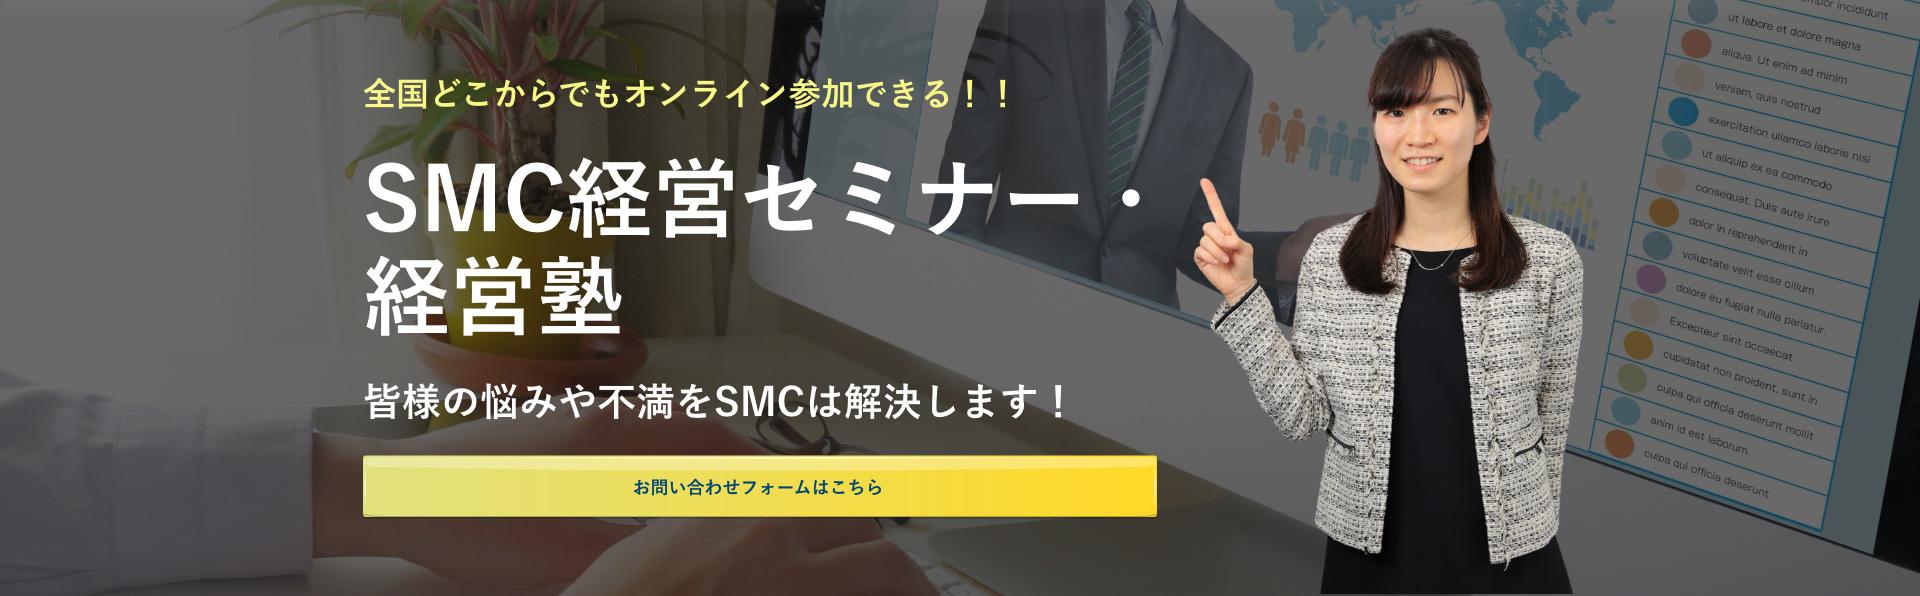 SMC経営セミナー・経営塾 お問い合わせフォームはこちら